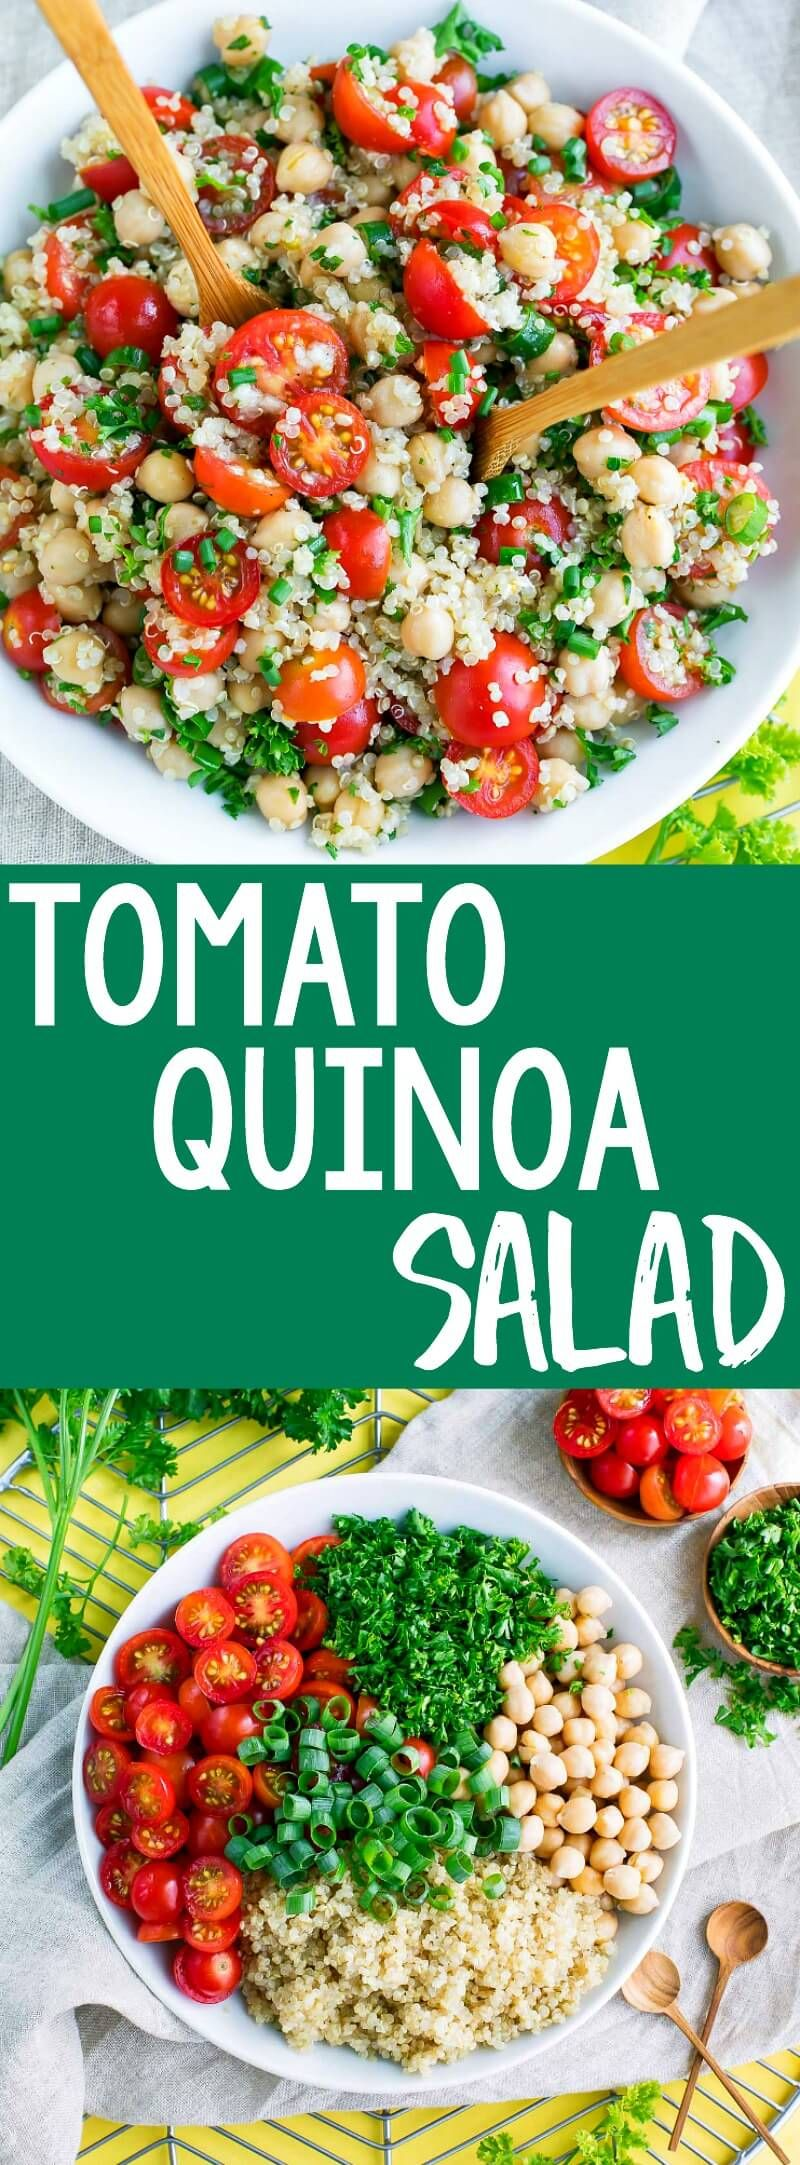 Tomato Quinoa Salad images